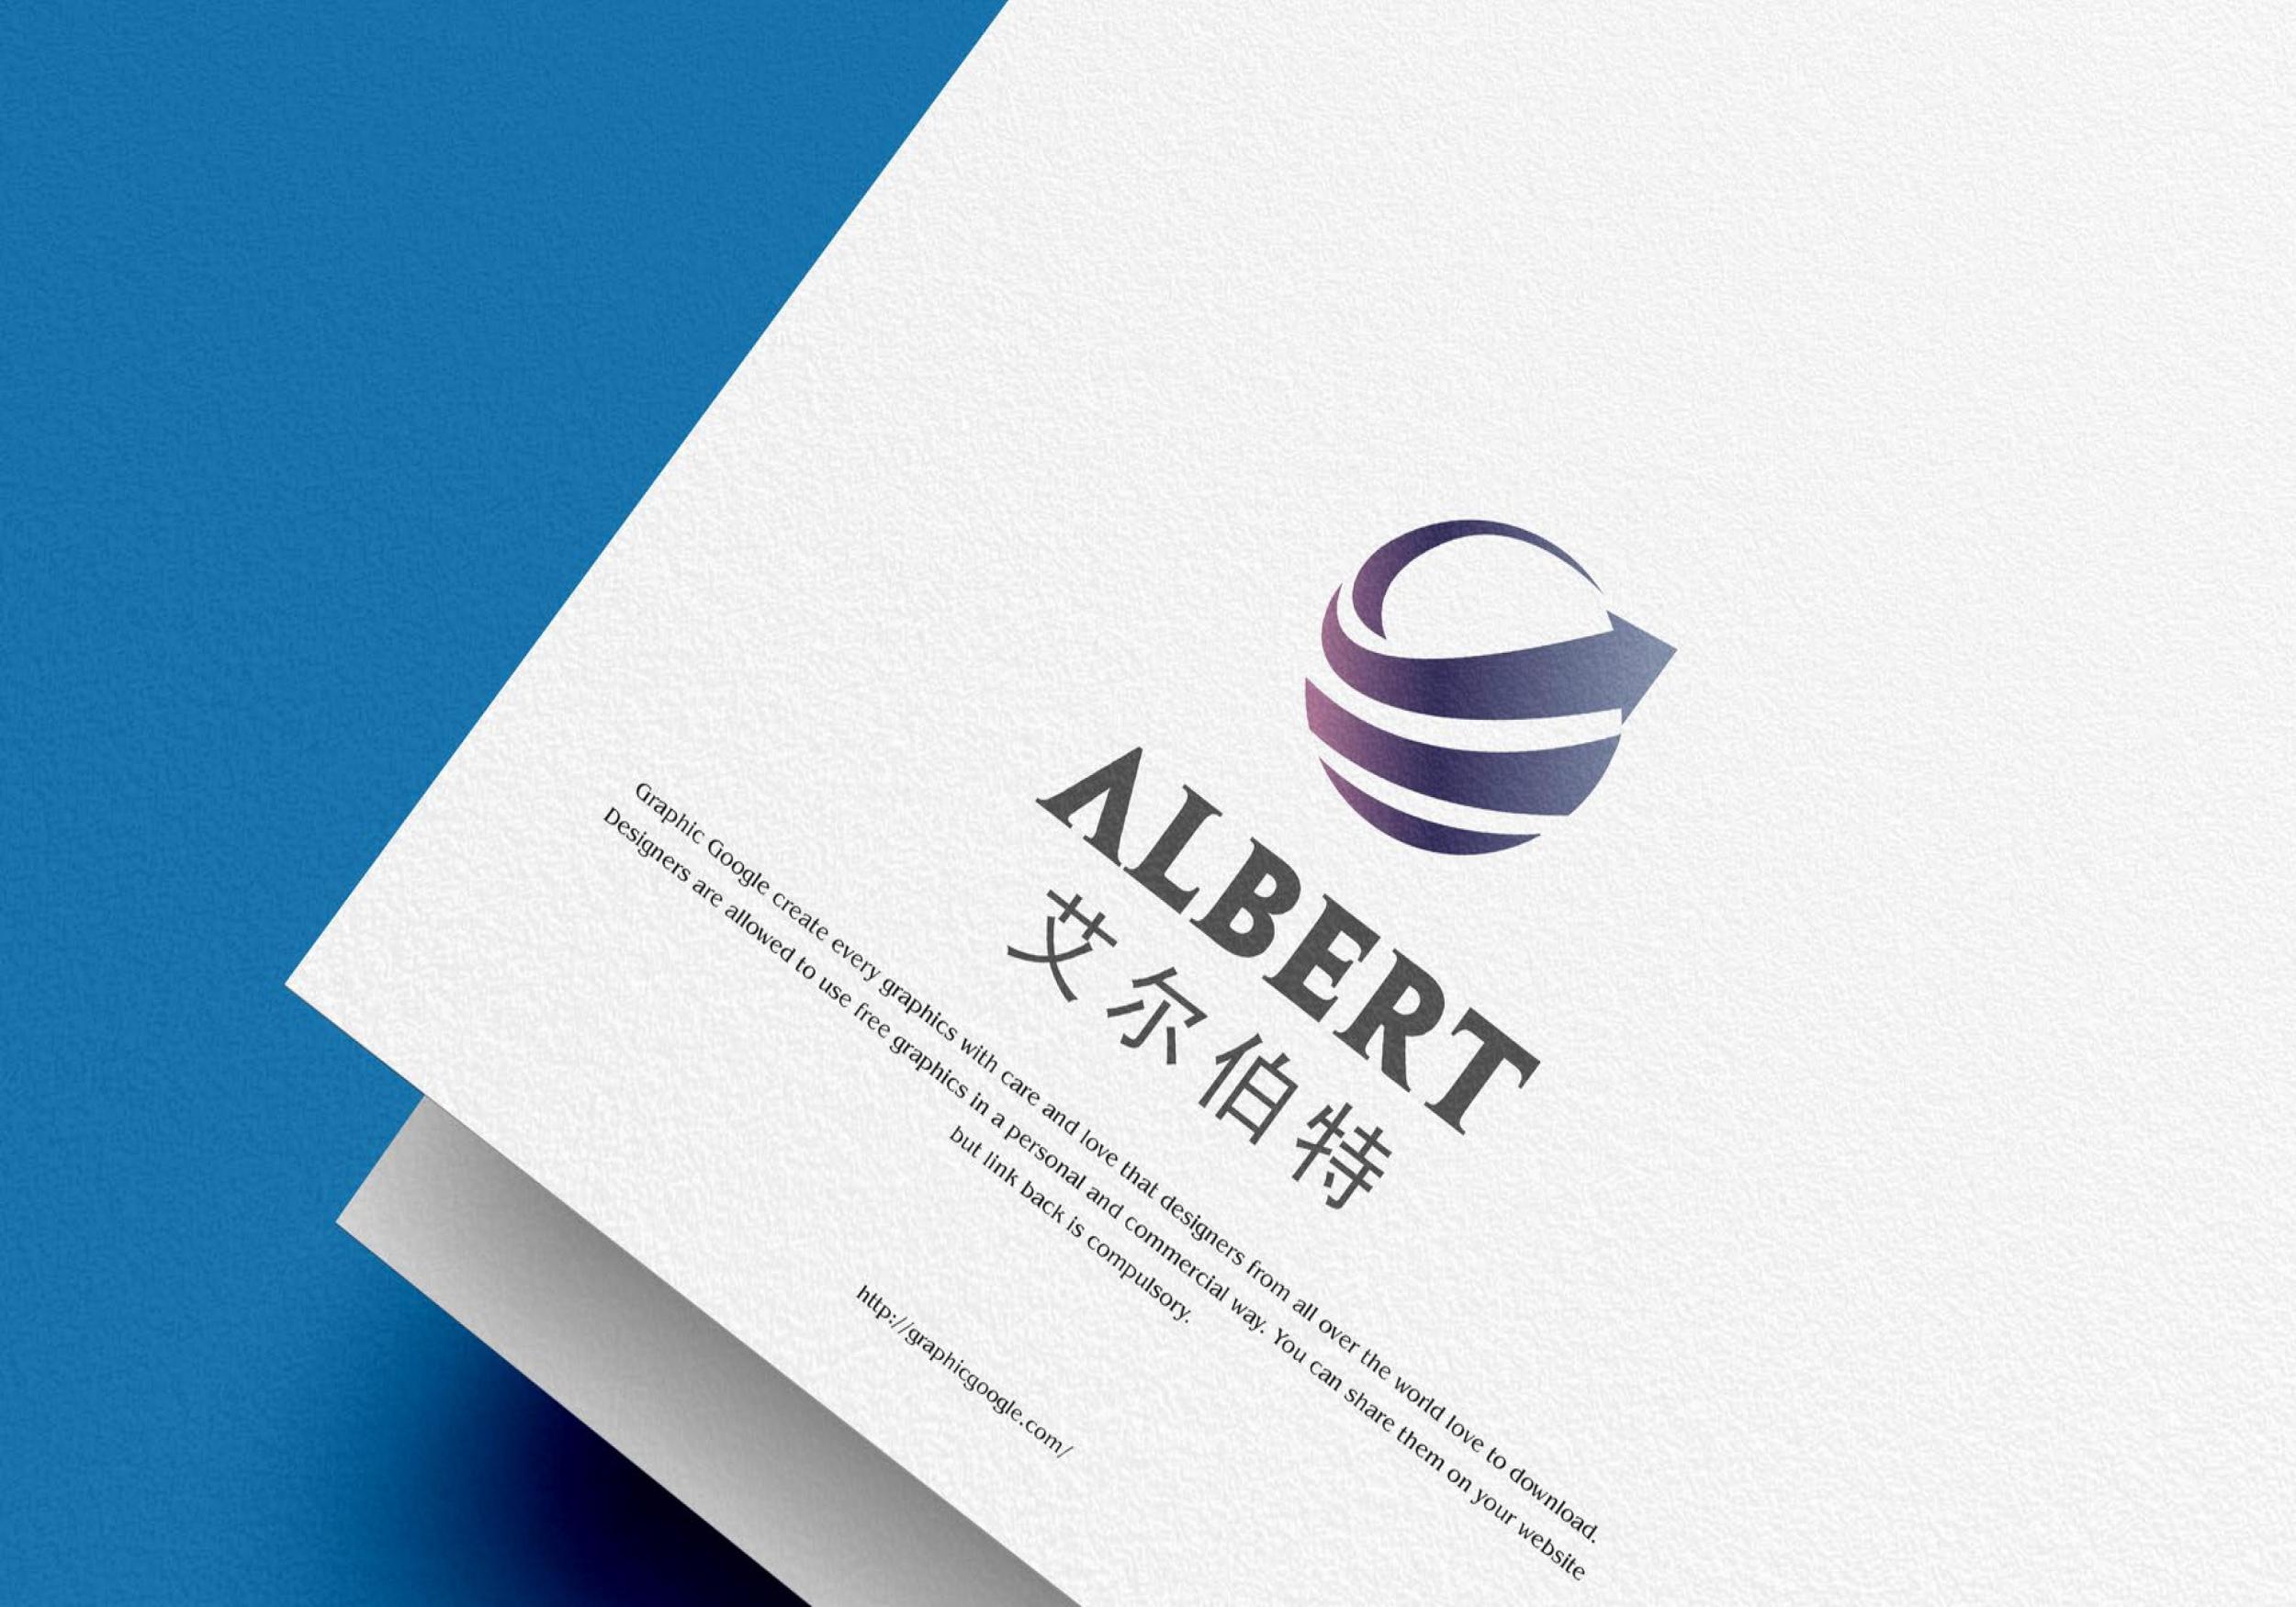 艾尔伯特科贸(北京)有限公司6